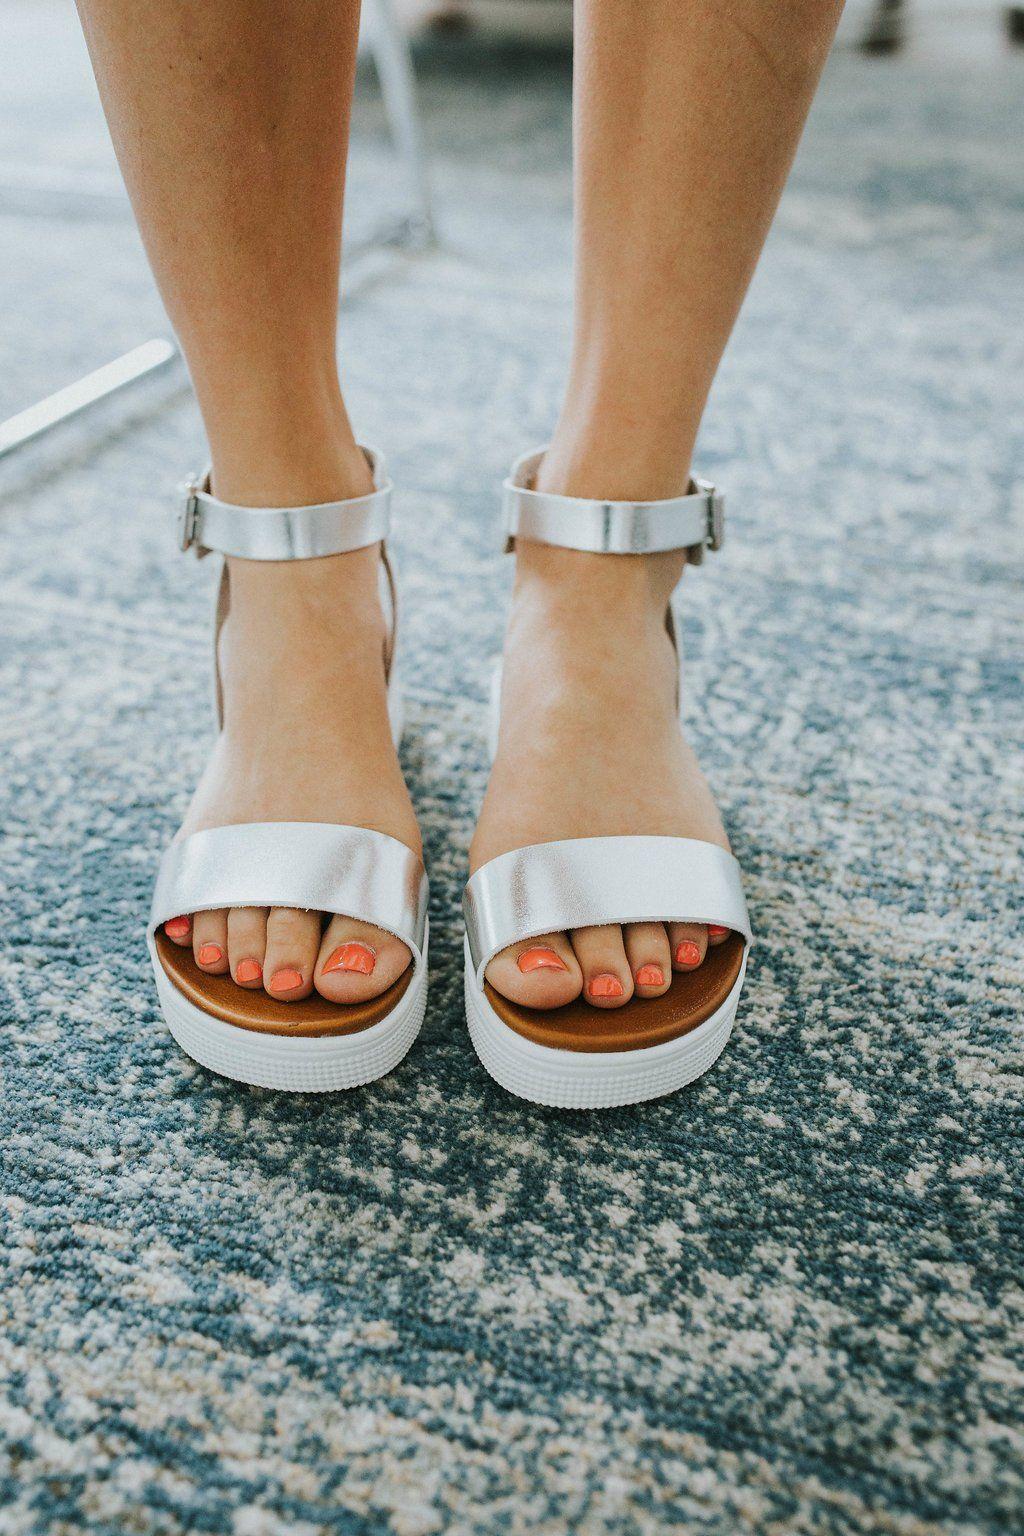 mia ellen sandal buy clothes shoes online